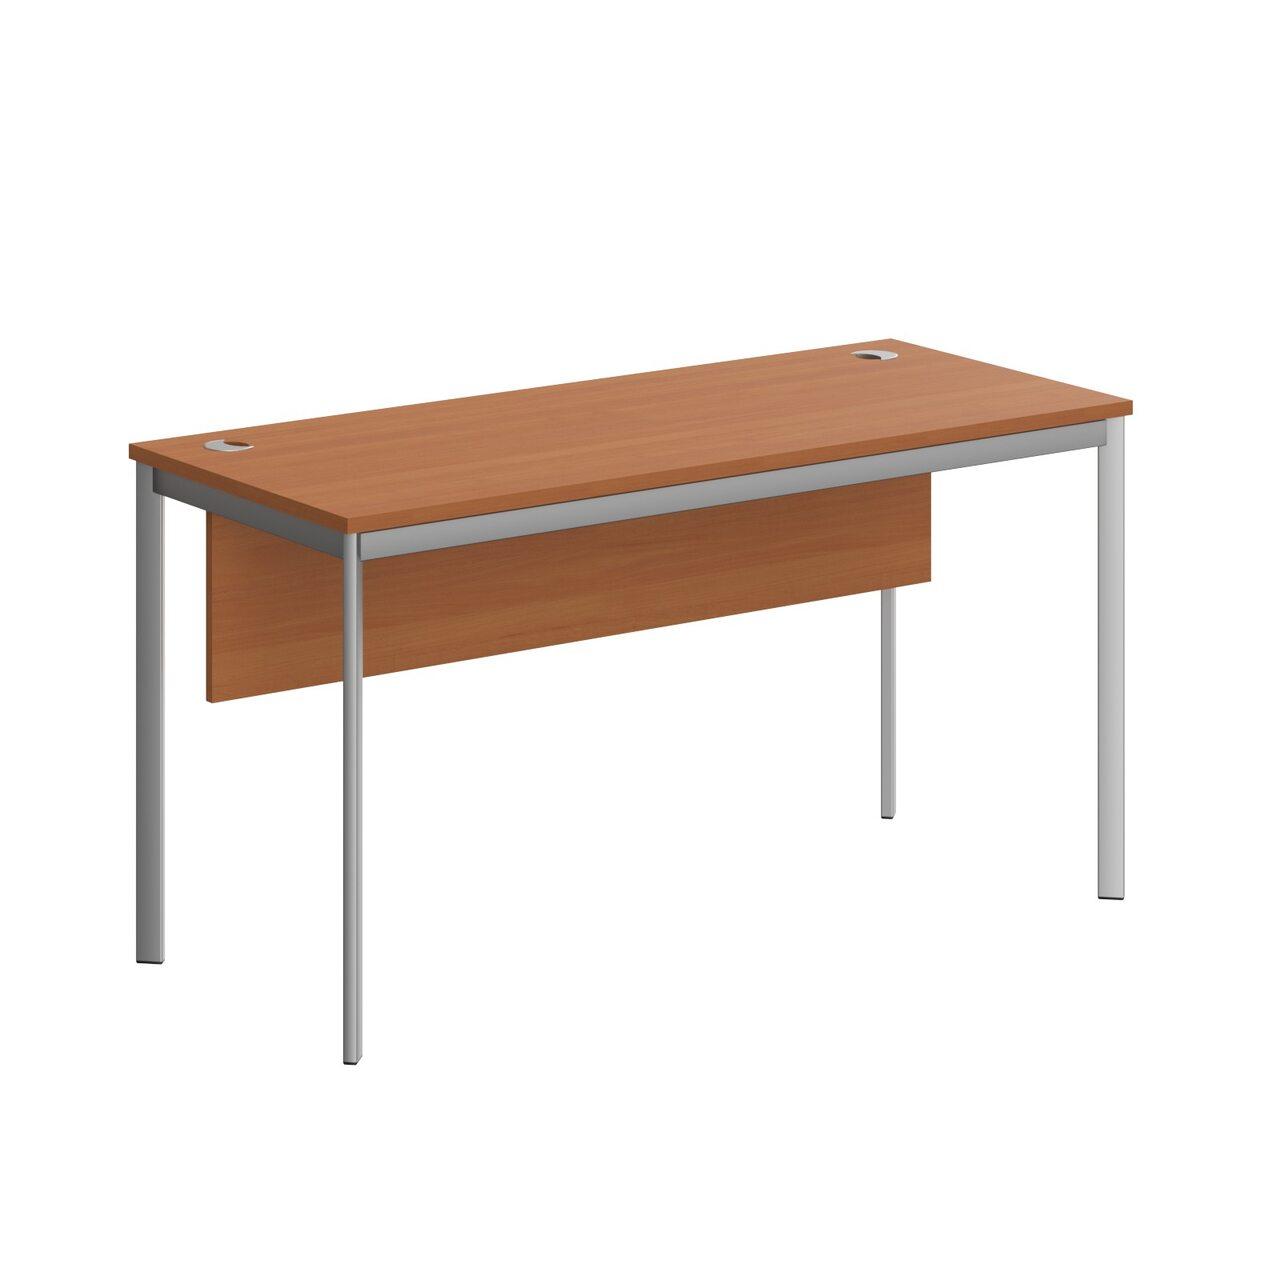 Стол прямой с фрональной панелью  IMAGO-S 140x60x76 - фото 6